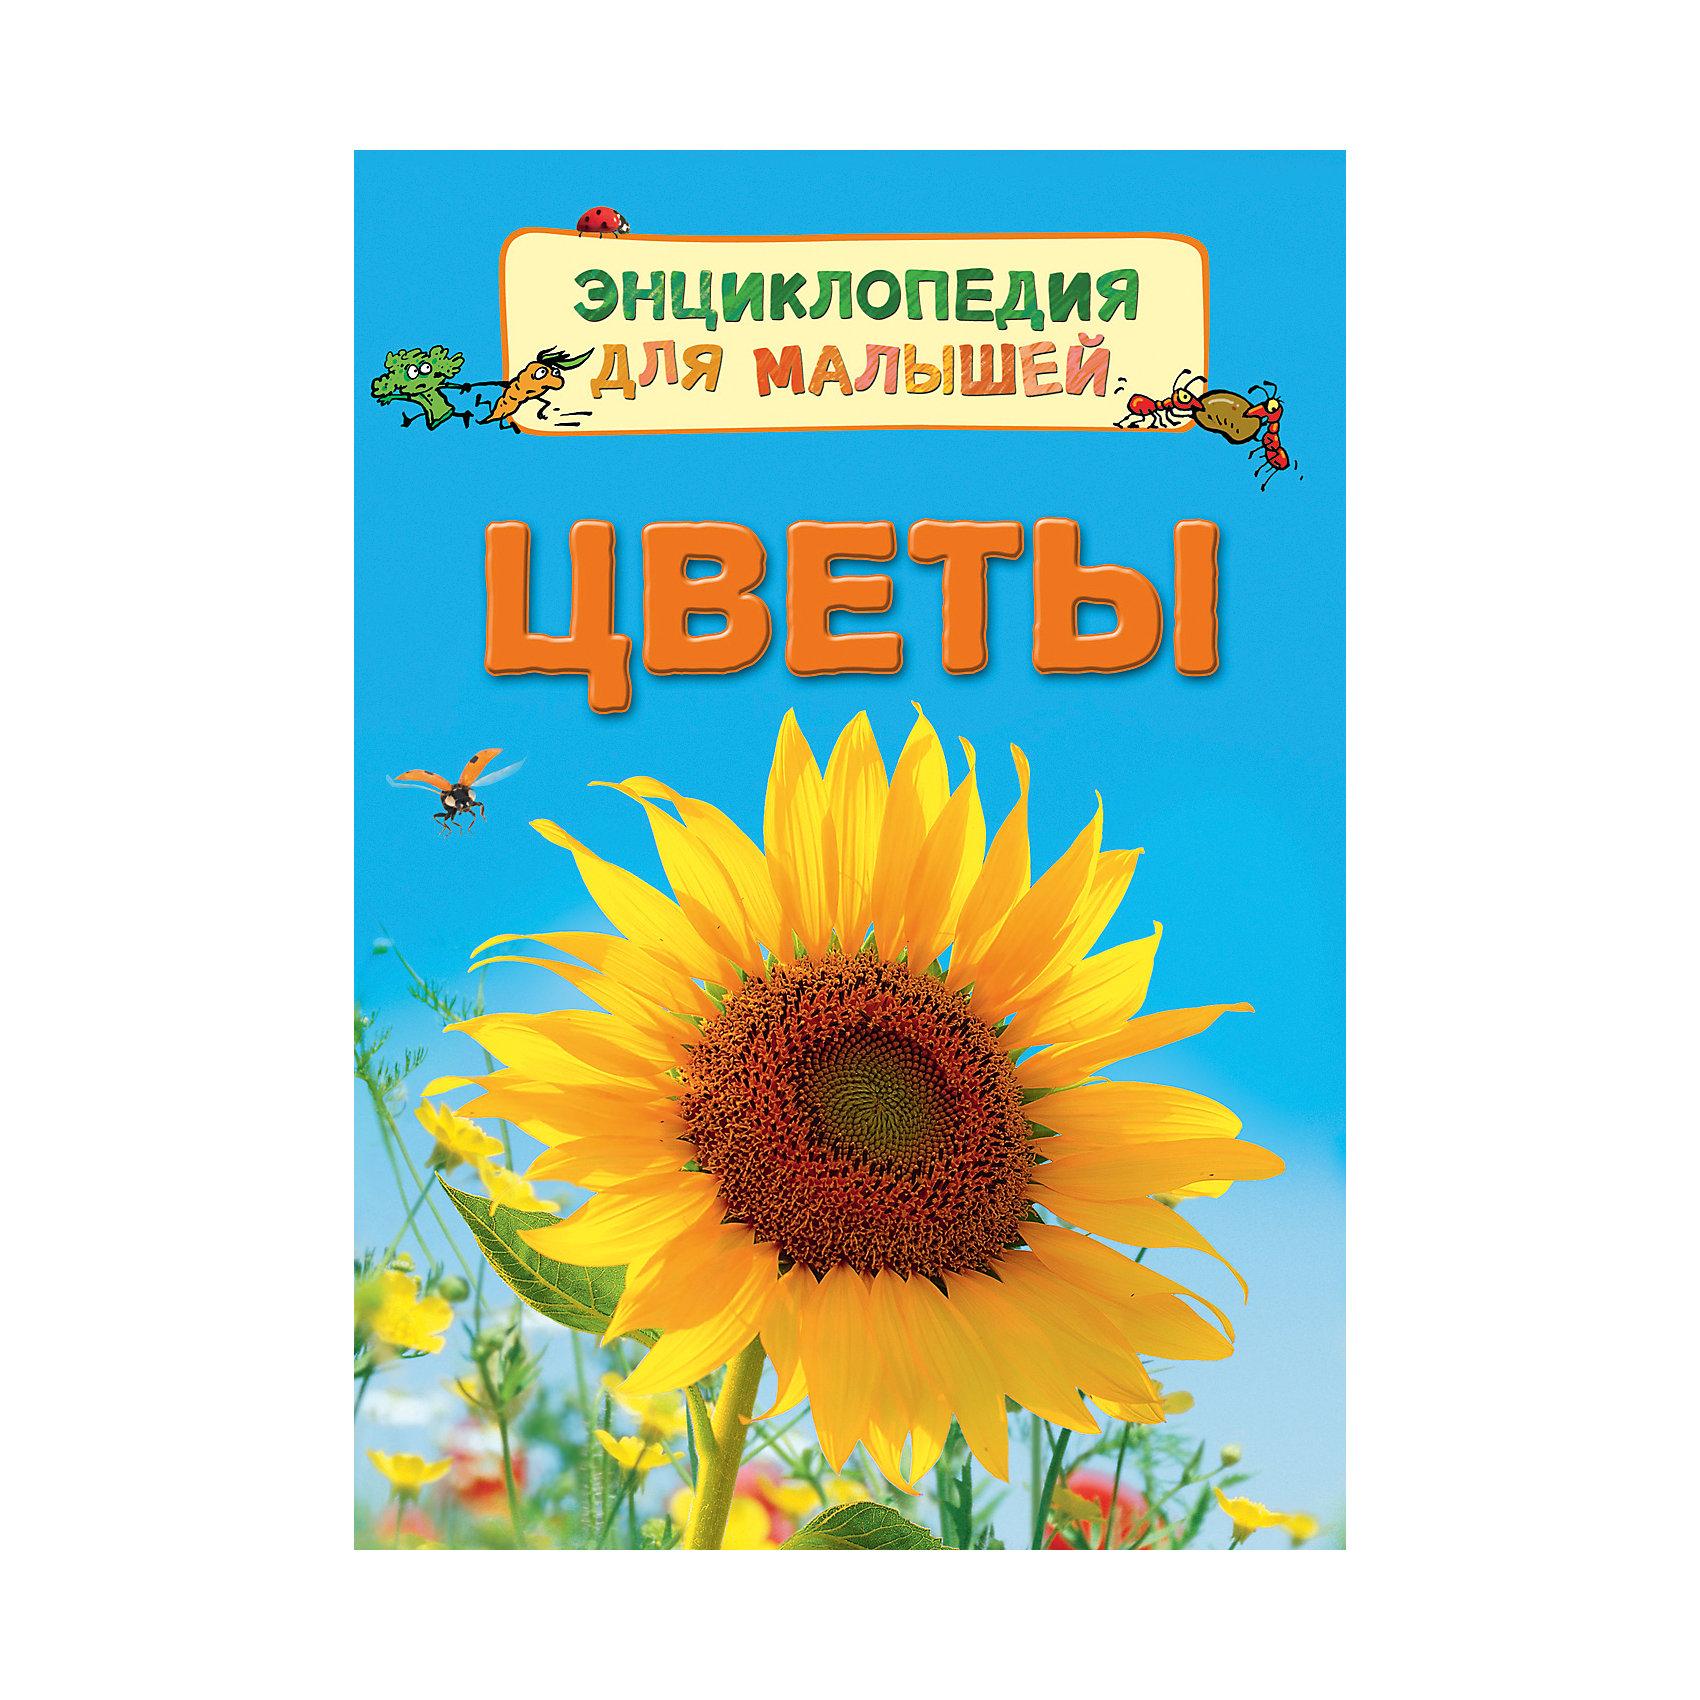 Энциклопедия для малышей ЦветыЭнциклопедии для малышей<br>В книге рассказывается о многообразии цветов. Маленькие читатели узнают, из каких частей состоят растения, как они дышат и питаются, что нужно, чтобы семечко подсолнуха проросло, как распускаются цветы, кто и для чего их опыляет, почему путешествуют семена и зачем землянике усы.<br><br>Ширина мм: 220<br>Глубина мм: 167<br>Высота мм: 70<br>Вес г: 190<br>Возраст от месяцев: 36<br>Возраст до месяцев: 2147483647<br>Пол: Унисекс<br>Возраст: Детский<br>SKU: 5453592